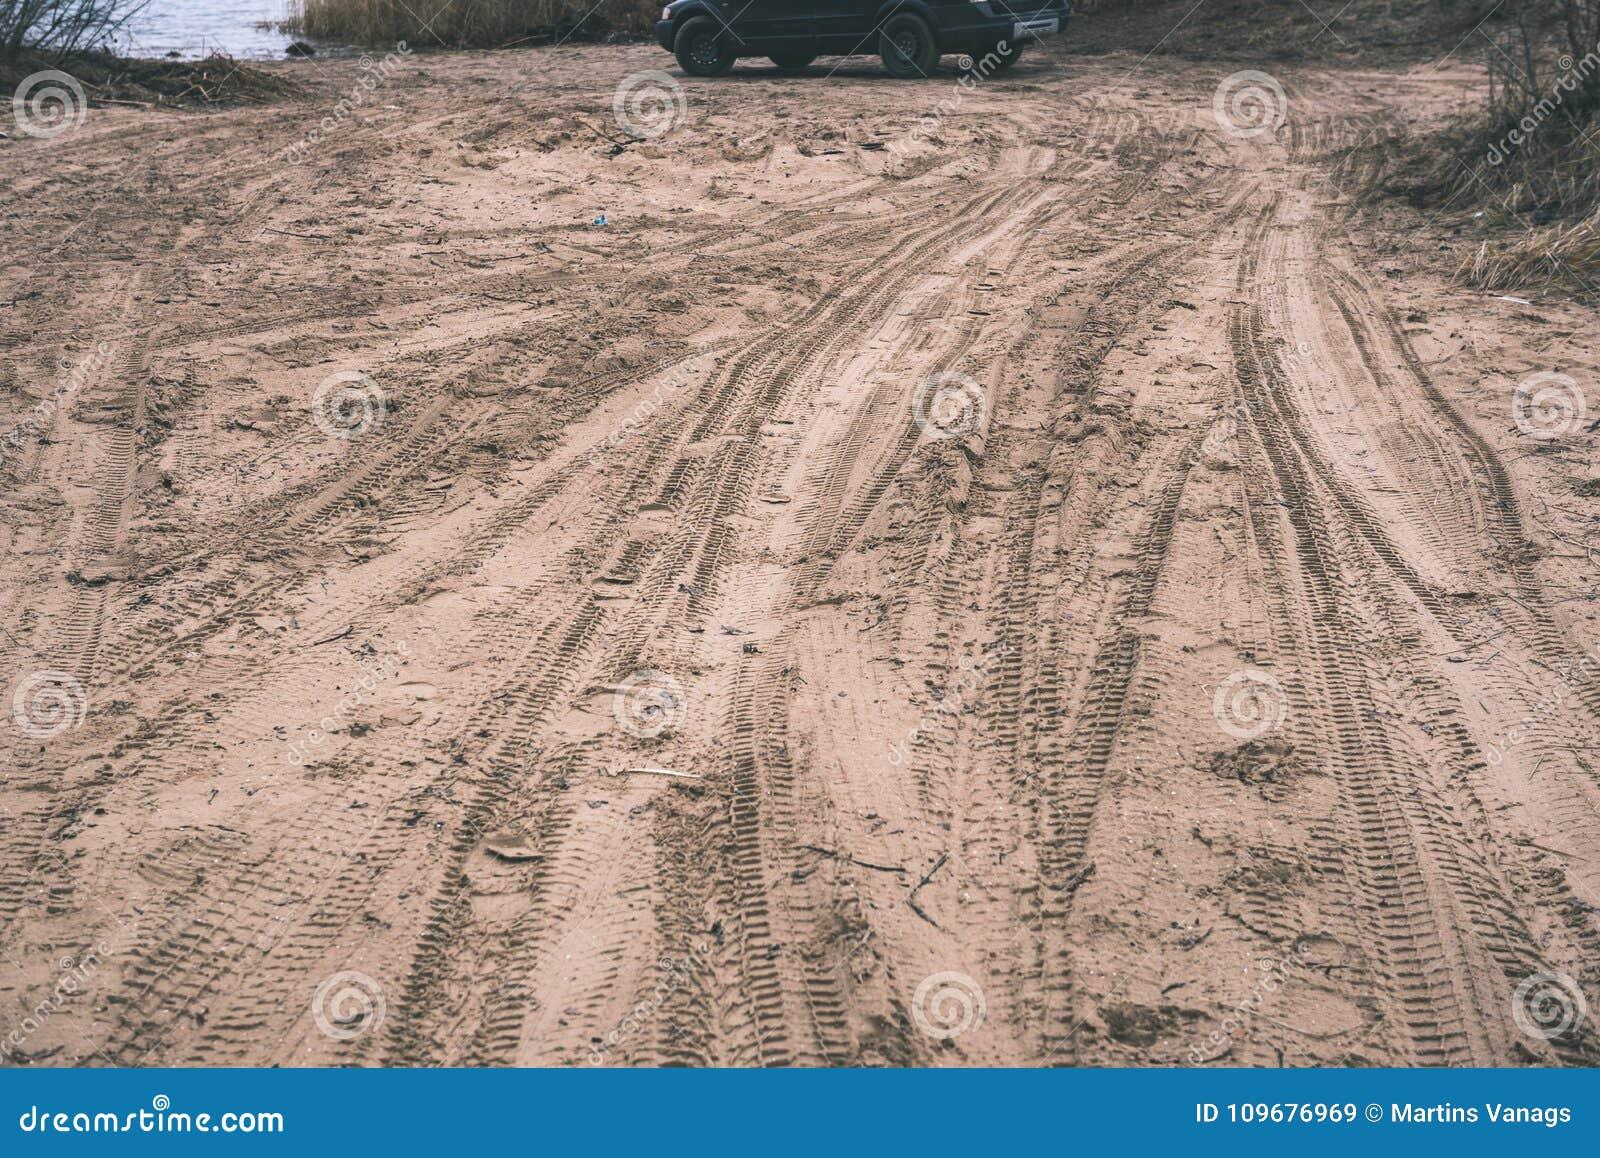 Vehículos campo a través no identificados durante un safari del desierto - vintage f